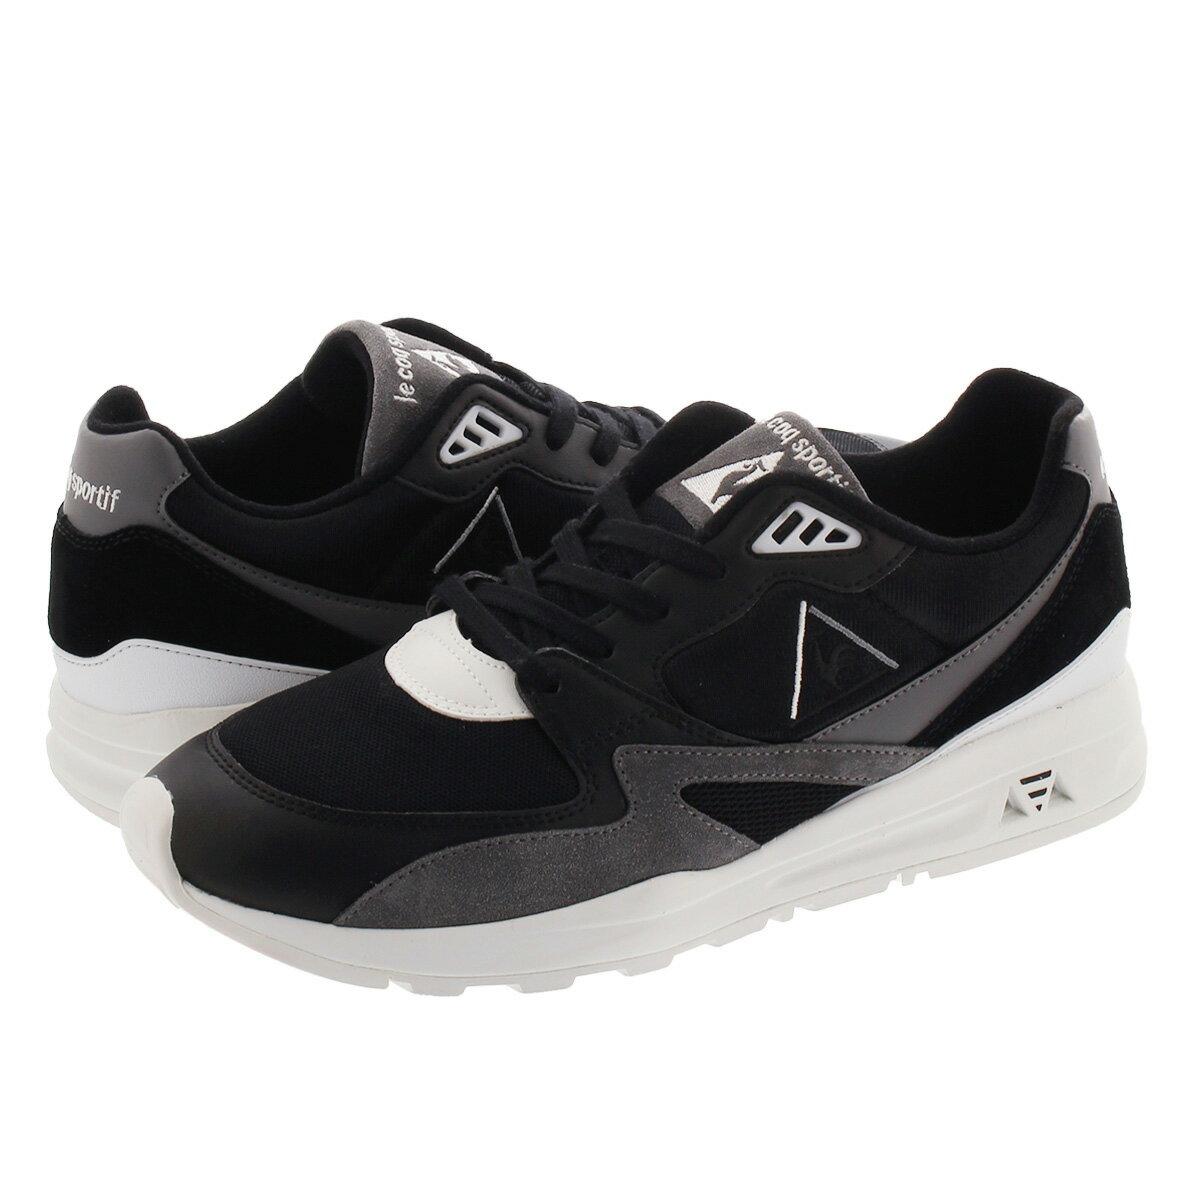 メンズ靴, スニーカー le coq sportif LCS R800 LCS R 800 BLACK ql1pgc09bk